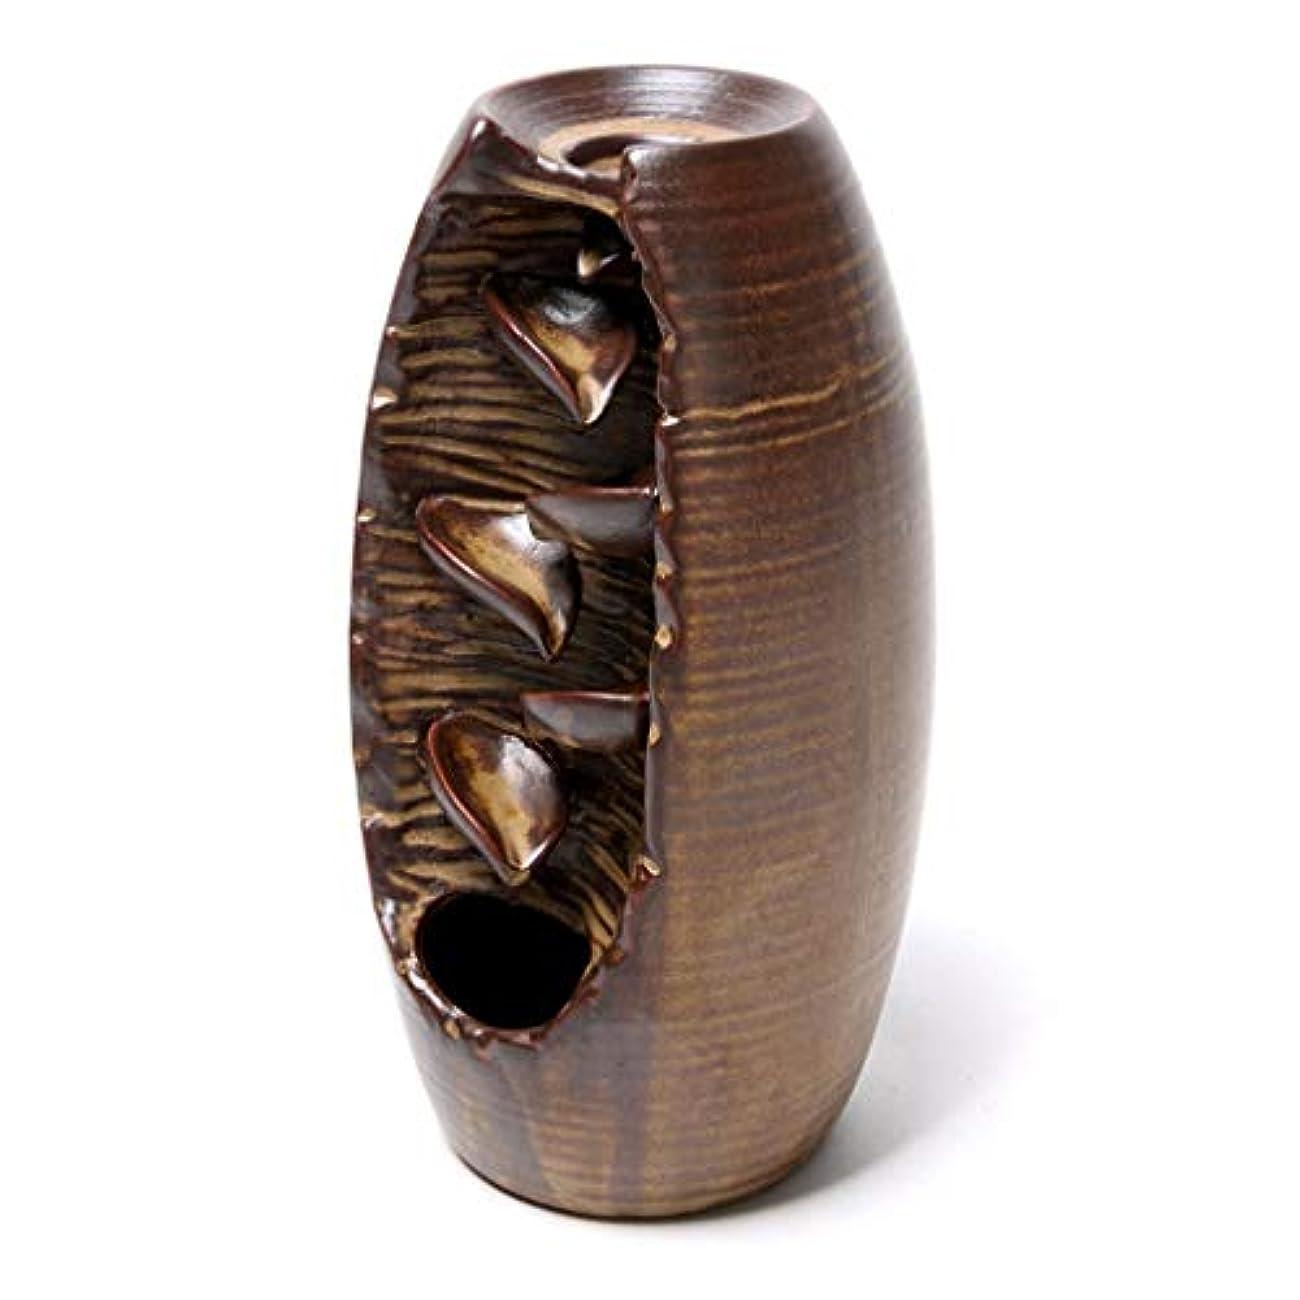 セラミック逆流香炉逆流香ホルダーホームセラミックオフィス香コーンホルダーバーナーアロマセラピー炉 (Color : Brown, サイズ : 3.54*8.07 inches)